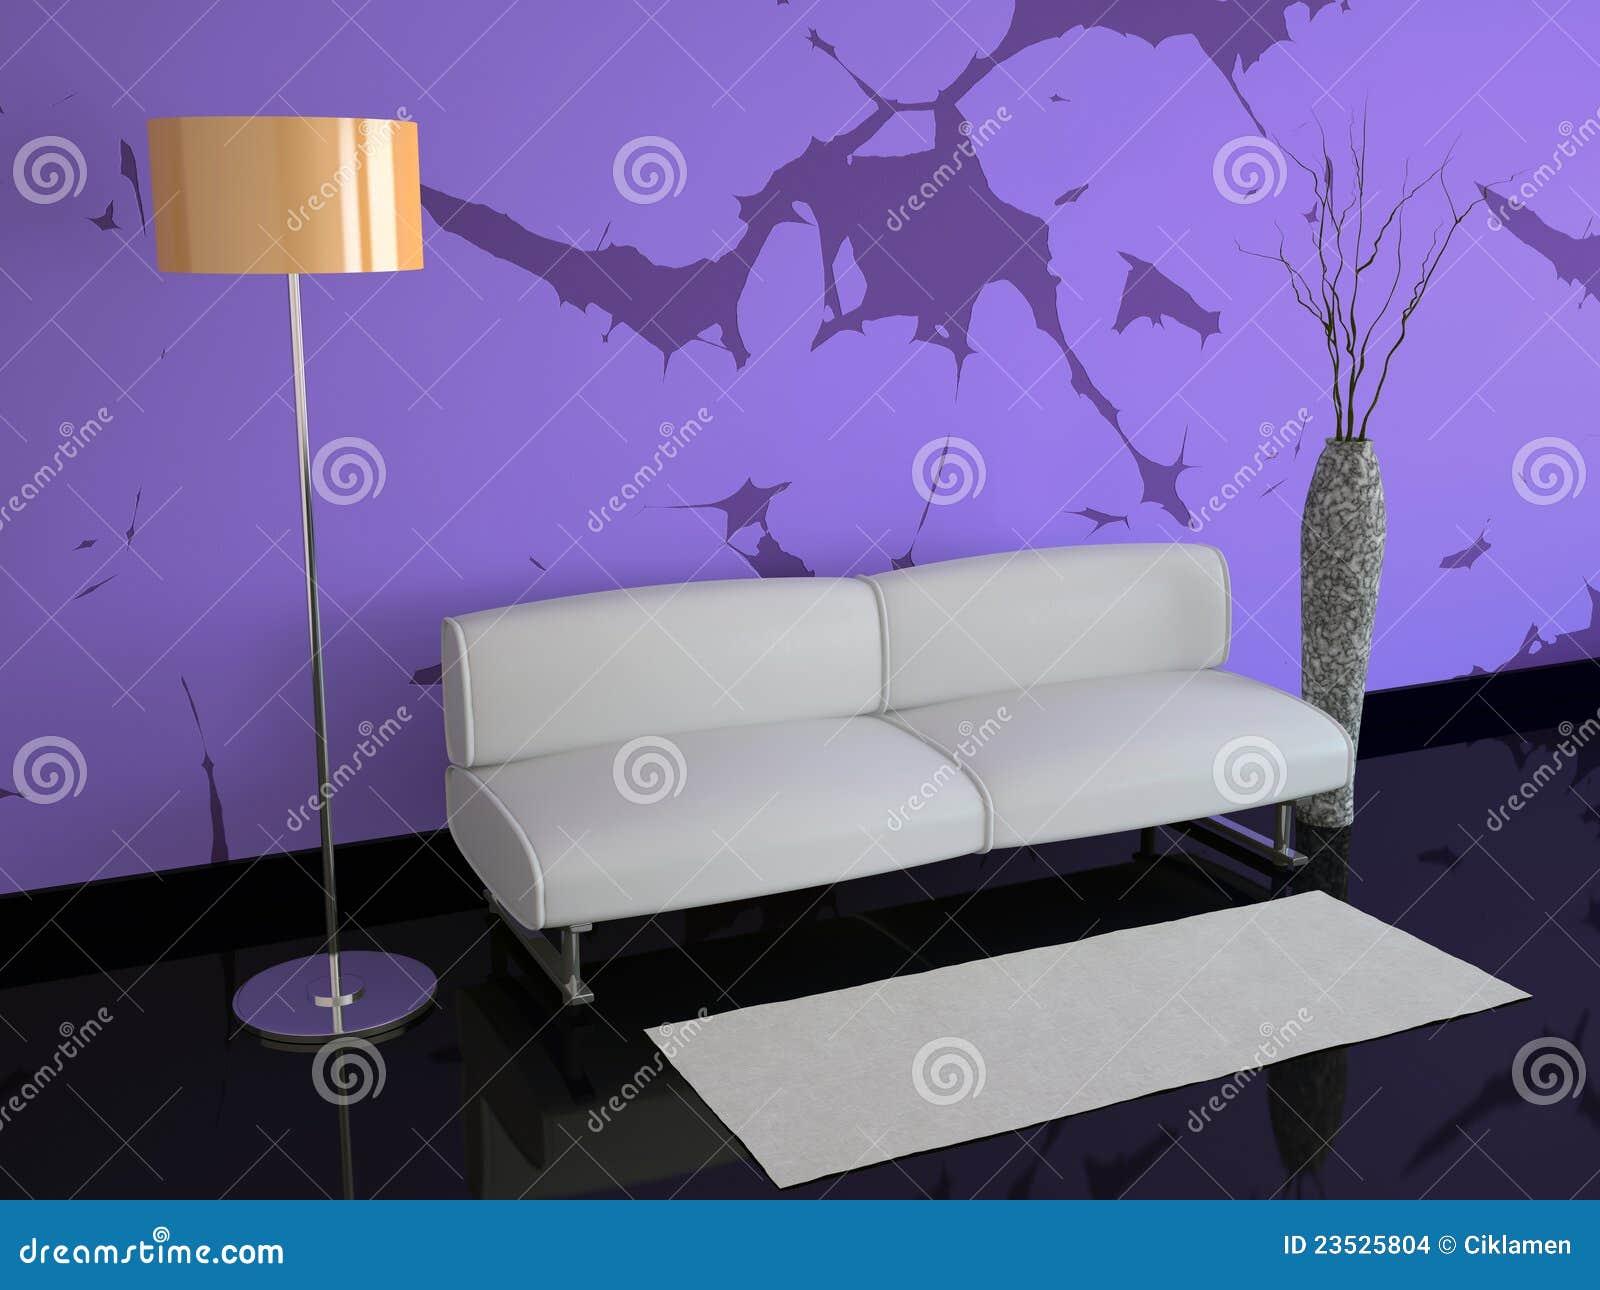 Soggiorno Con Pareti Viola : Stanza con le pareti viola e una lampada ...